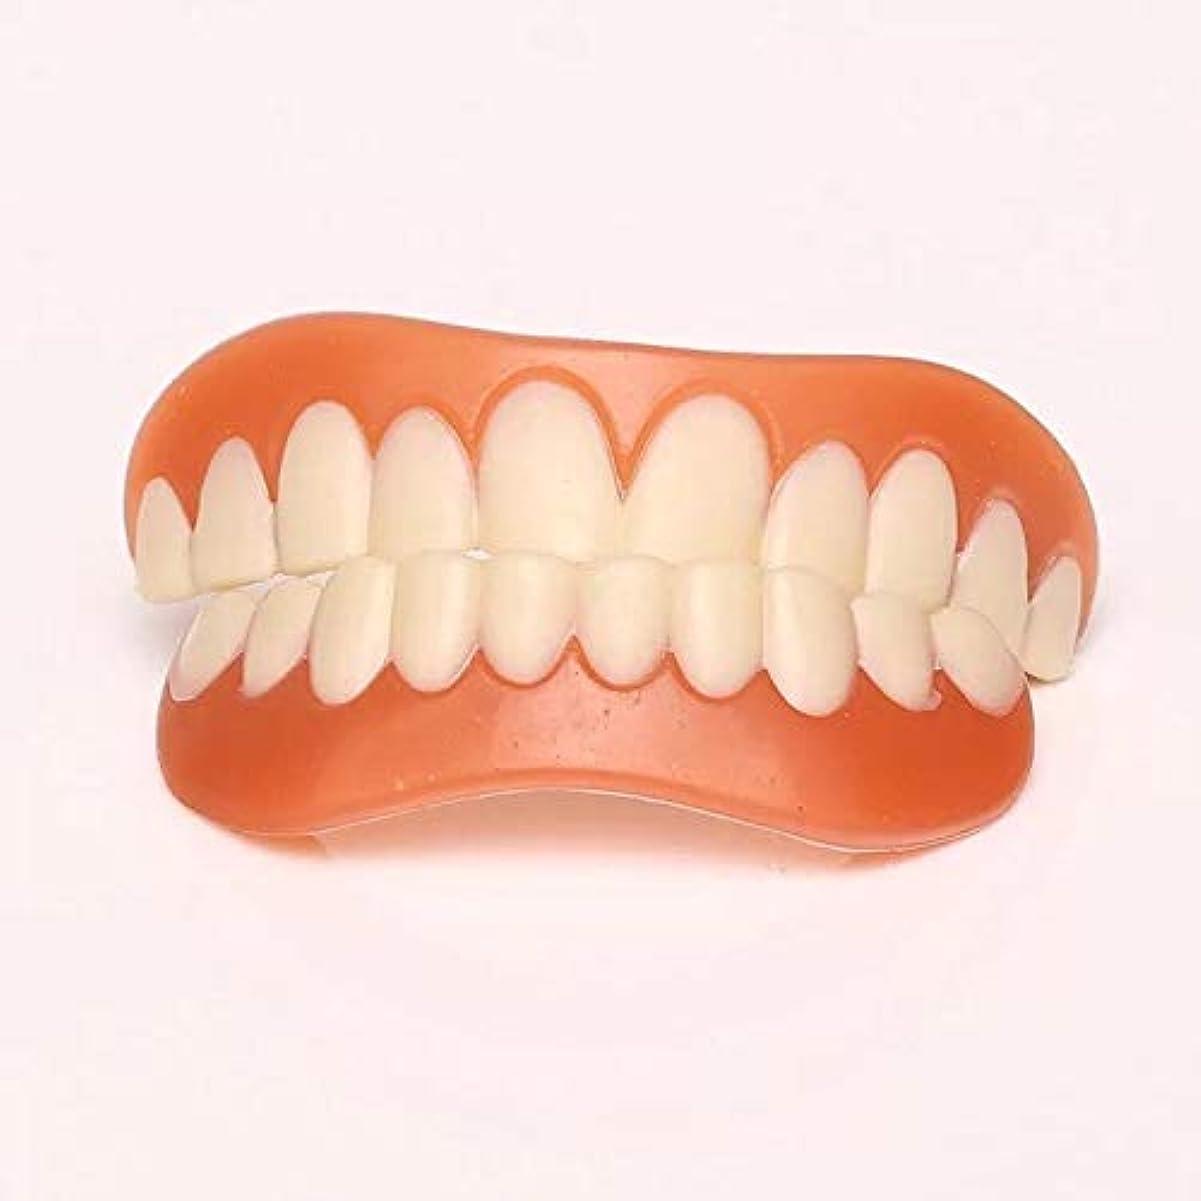 飲み込む電気技師専らシリコーンシミュレーション歯の義歯スリーブ、上下列ホワイトニング歯ステッカー(1セット),A